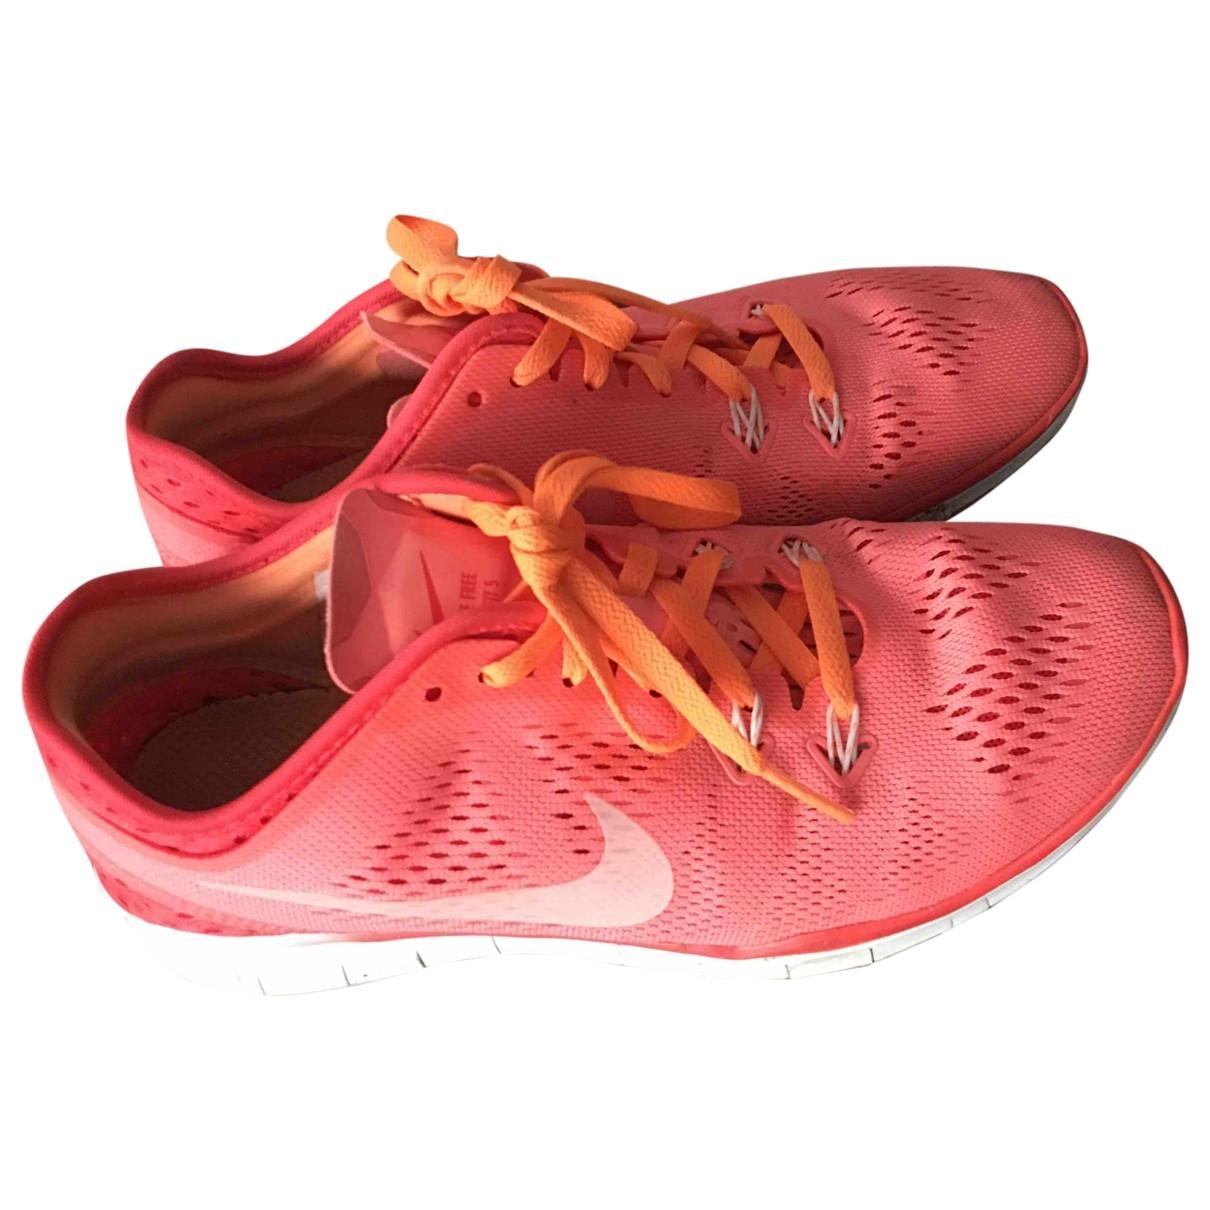 Nike Free Run Trainers for Women 37.5 EU